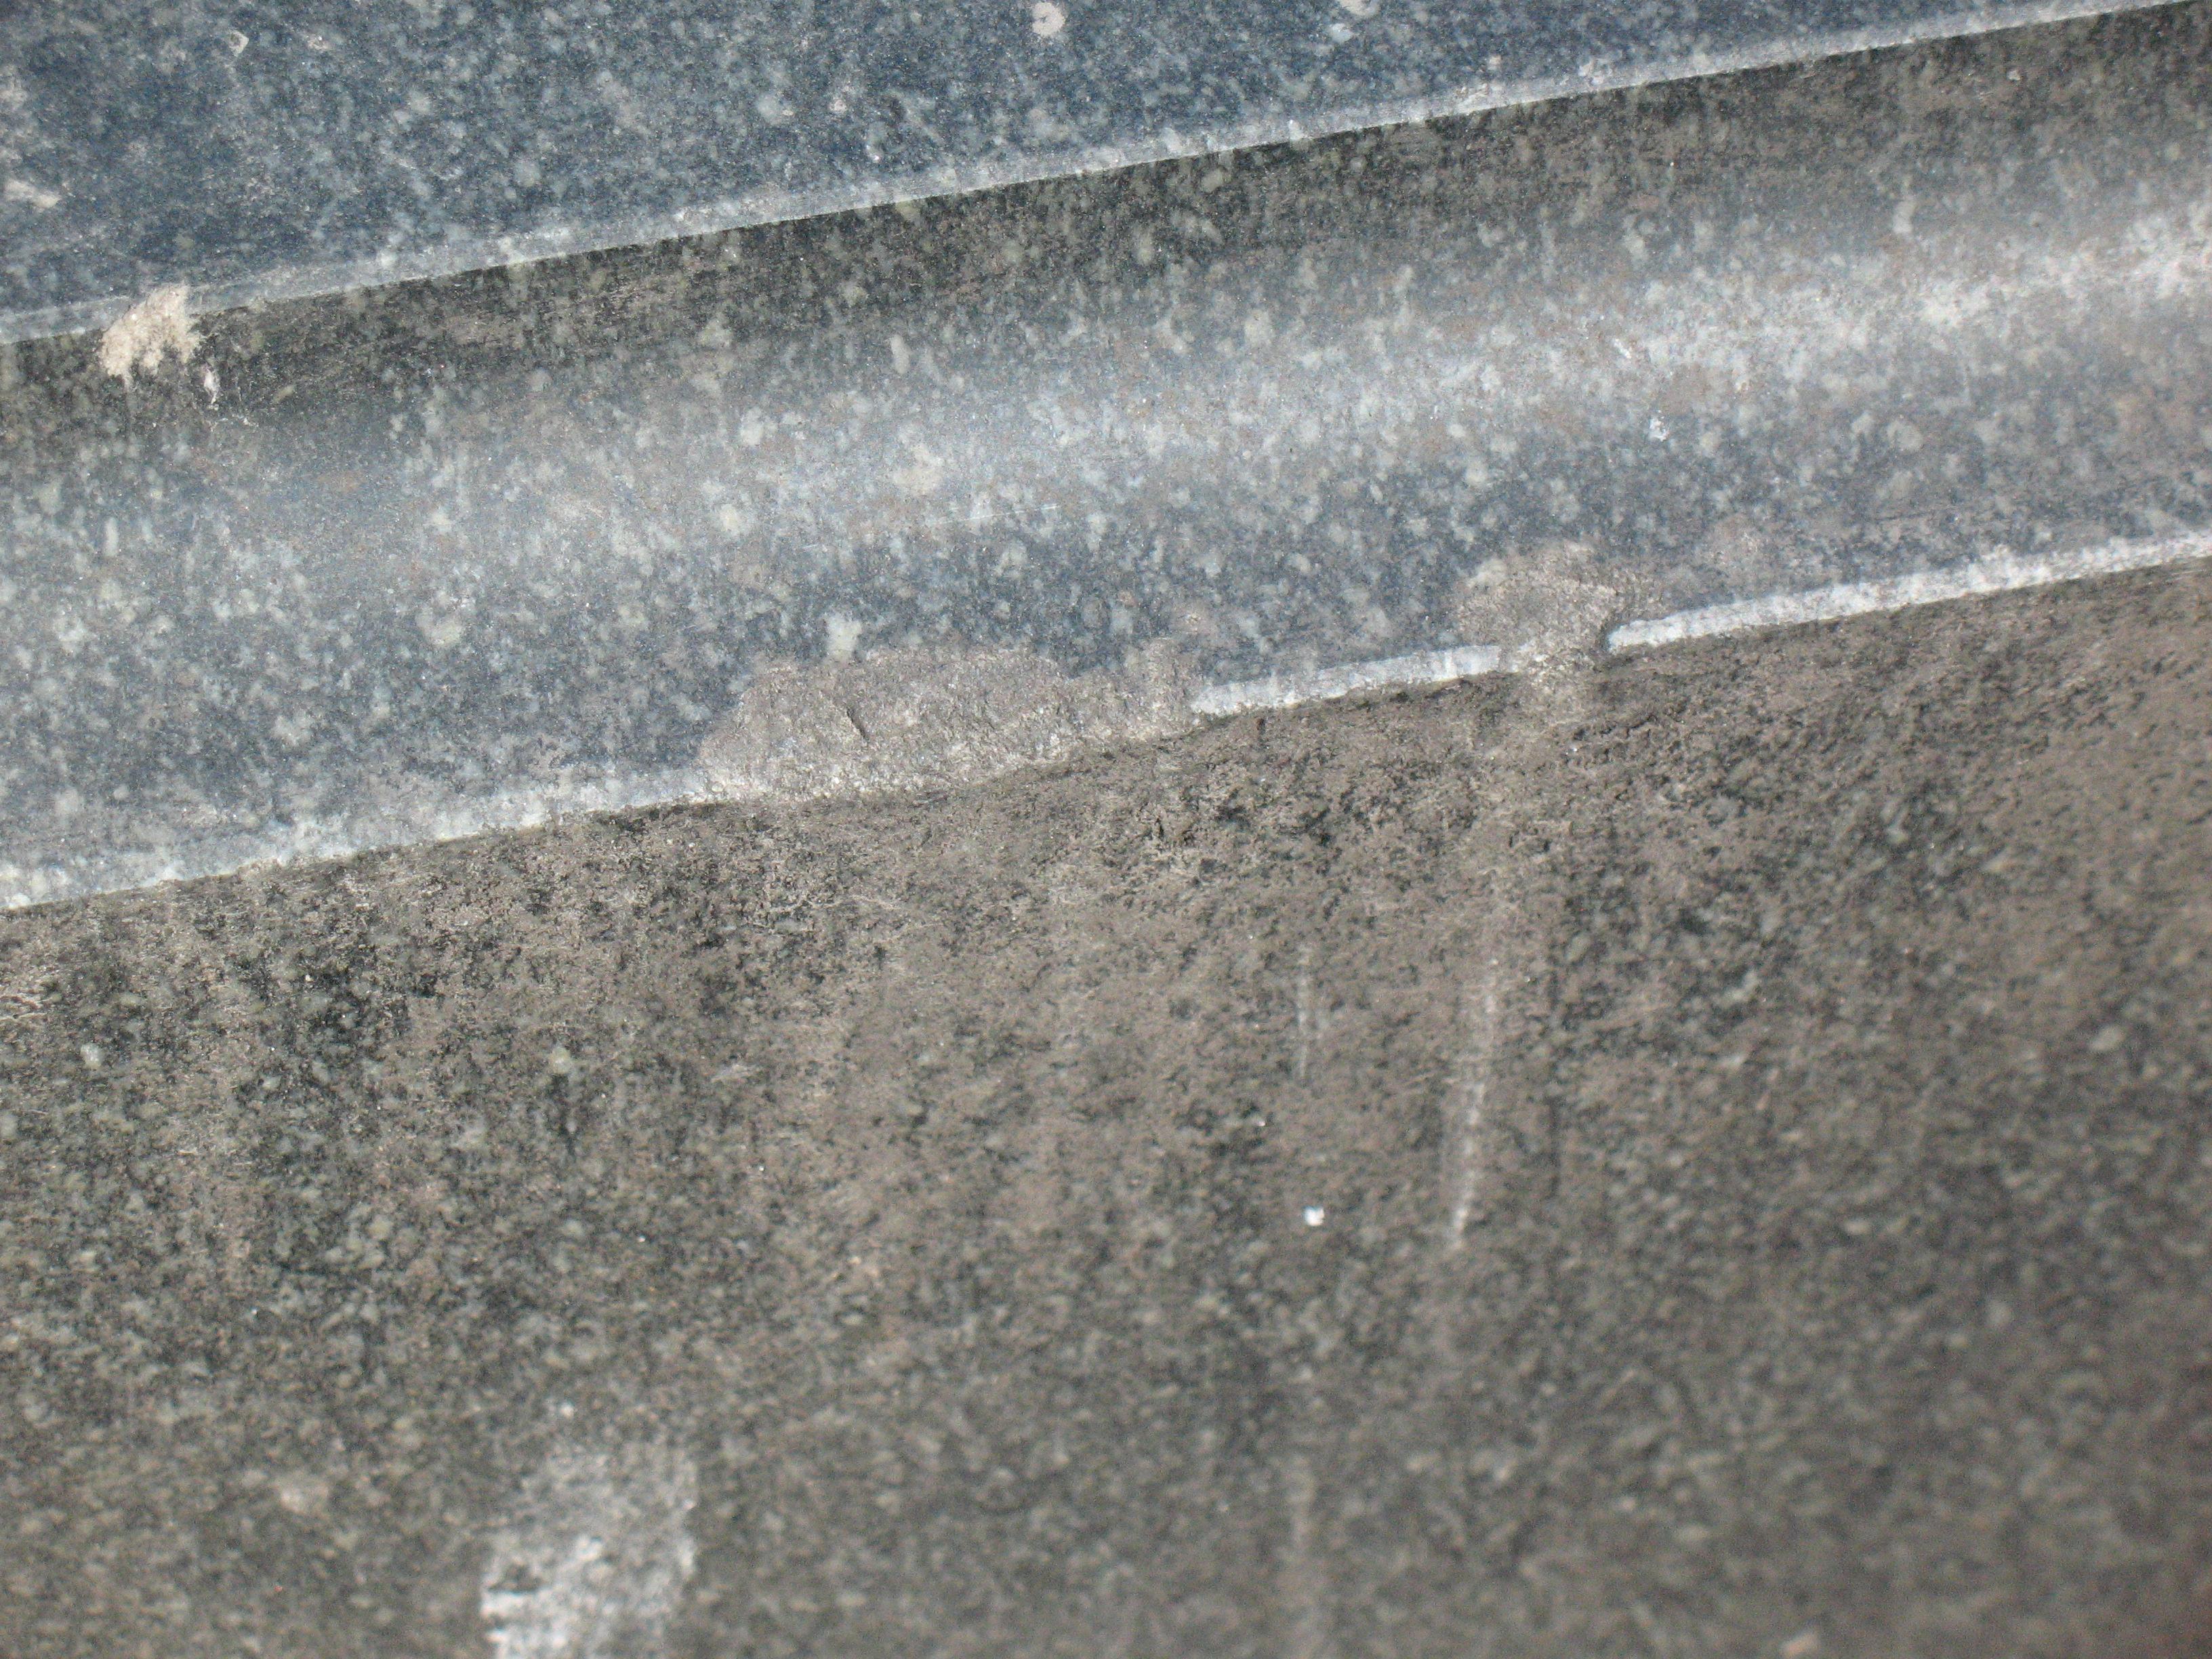 Углубления и впадины, атмосферные грязевые отложения на сером граните